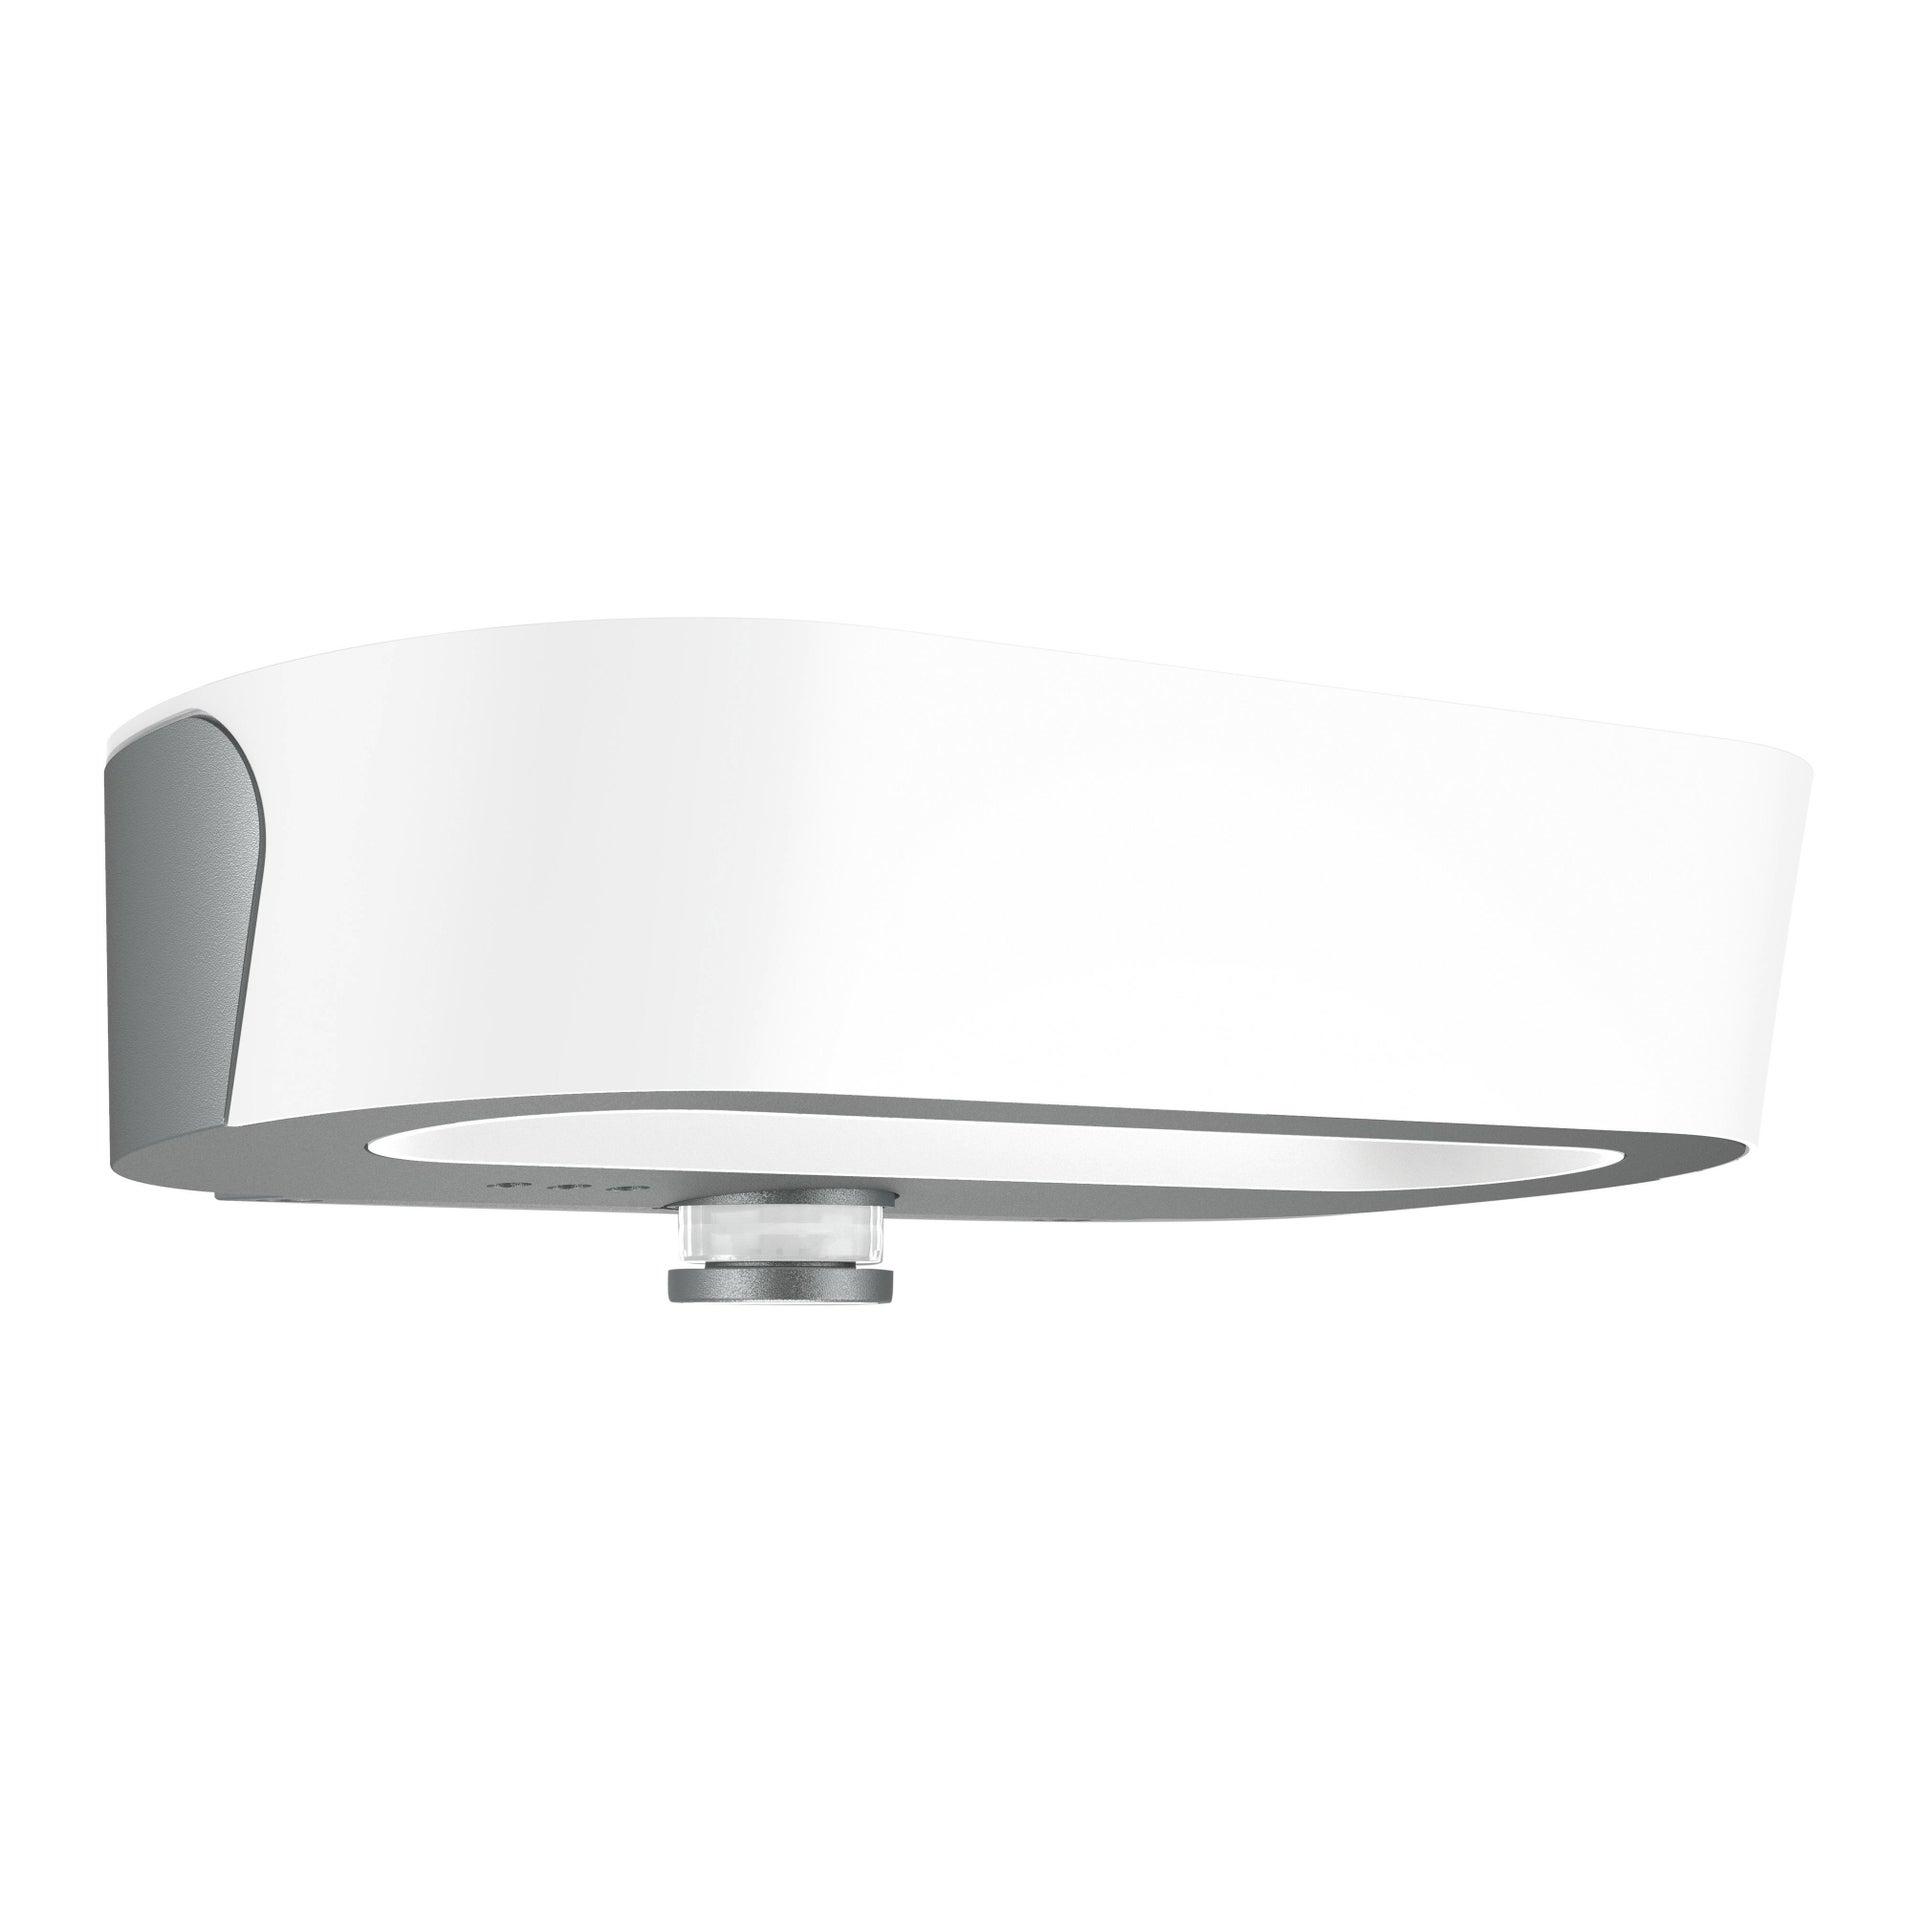 Applique L 710 LED integrato con sensore di movimento, antracite, 8.6W 670LM IP54 STEINEL - 5